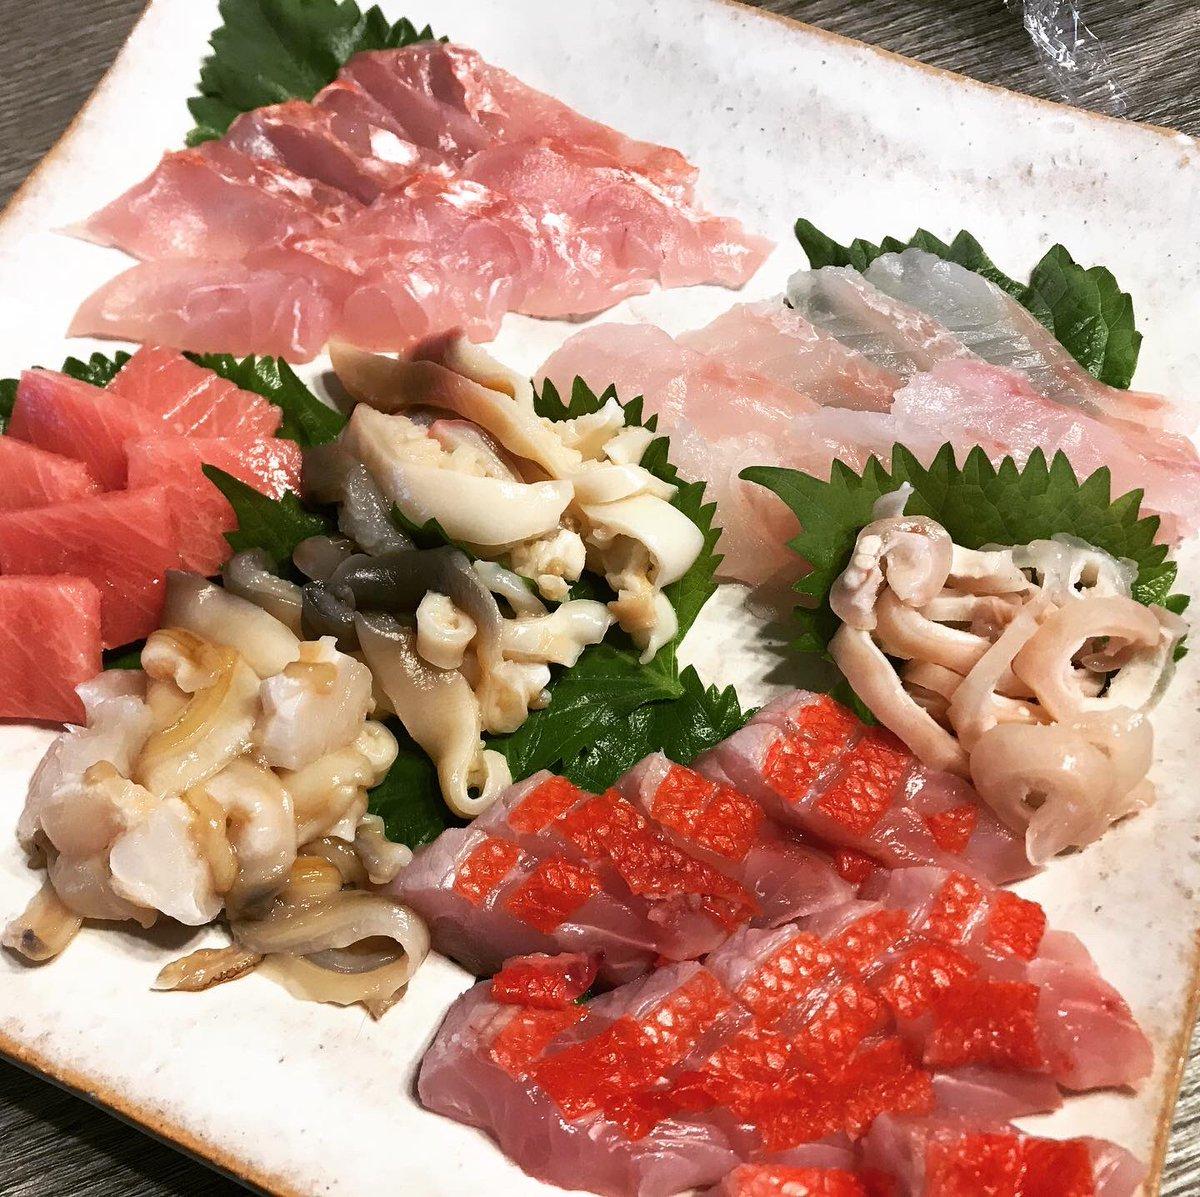 板前めざす友人による海鮮ディナー。釣りキチの彼によると、今日仕入れた魚はイマイチで納得がいかないようでしたが、私にはどれも口福三昧で幸せ過ぎる夕飯でした。  #寿司ディナー #海鮮三昧 #おうちごはん #うちでつくろう #夫婦ごはん #夫婦メシ #cookingram #家飲み #晩酌メニュー https://t.co/0eVxp5Y4H2